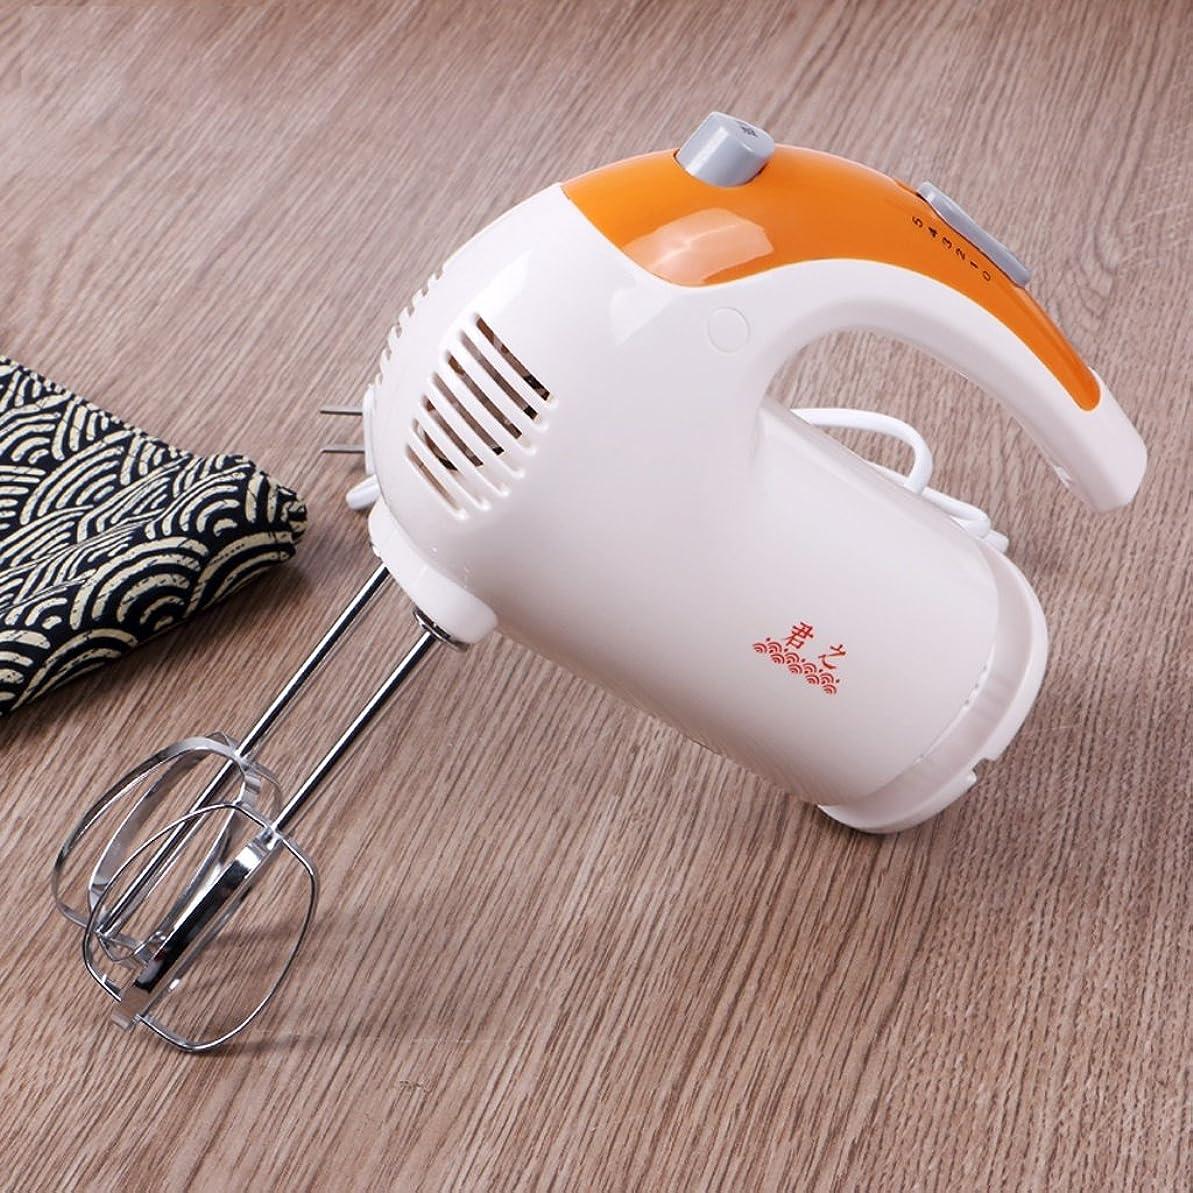 偽善者バブル頻繁にGlobal クリーマー家庭用スターラーと戦うために手持ち式の電気泡立て器を泡立てる